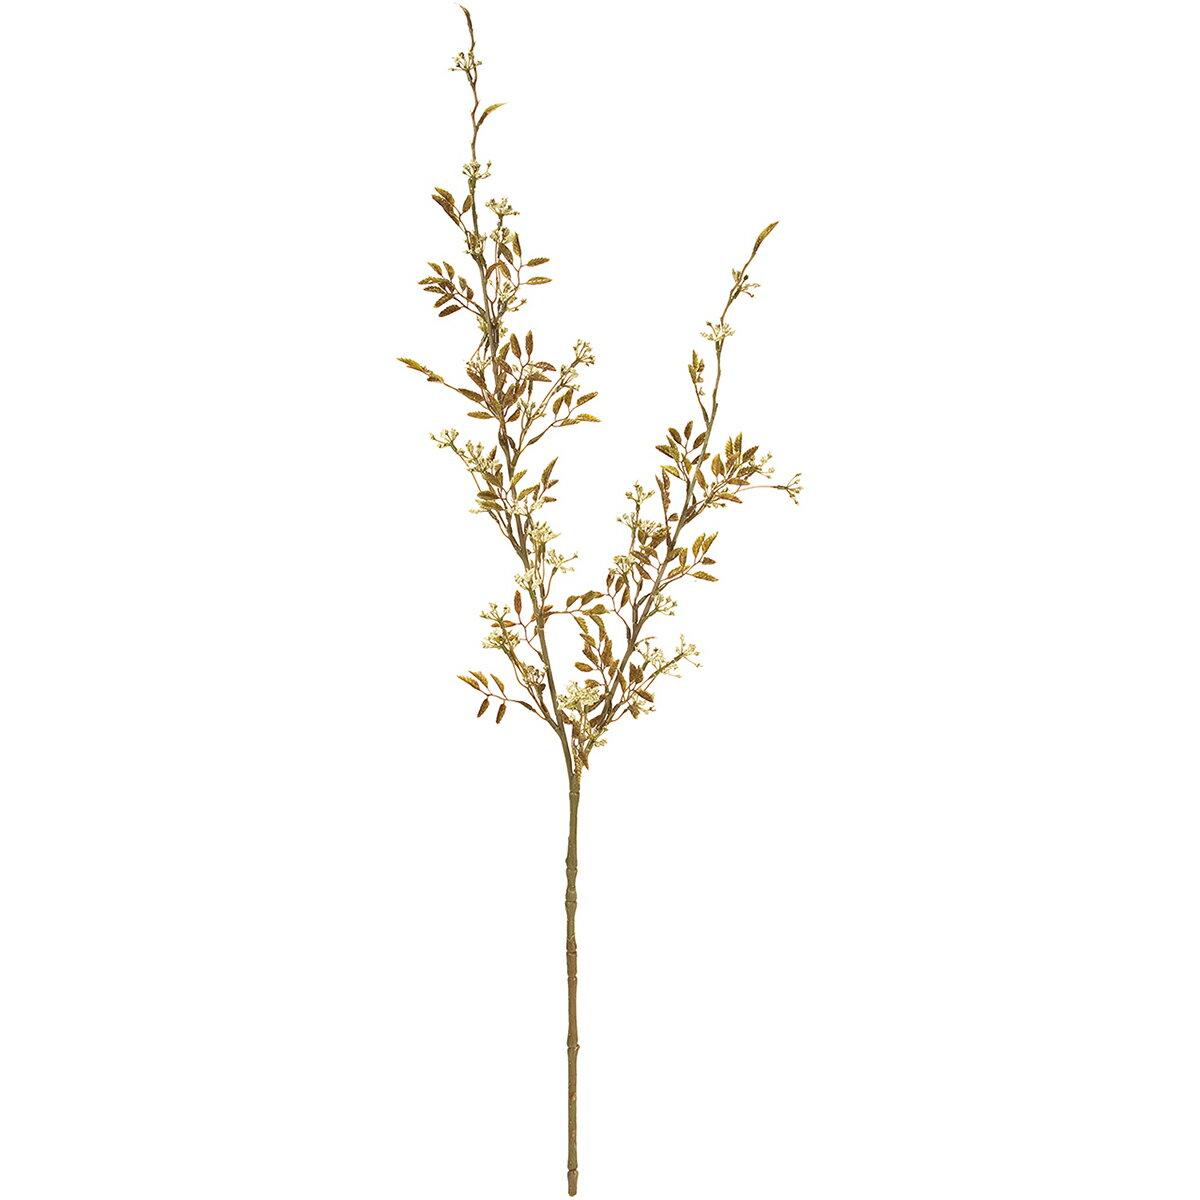 【造花】MAGIQ(東京堂)/ワイルドディルフラワー #1 クリーム/FM002144-001【01】【取寄】《 造花(アーティフィシャルフラワー) 造花 花材「た行」 その他「た行」造花花材 》